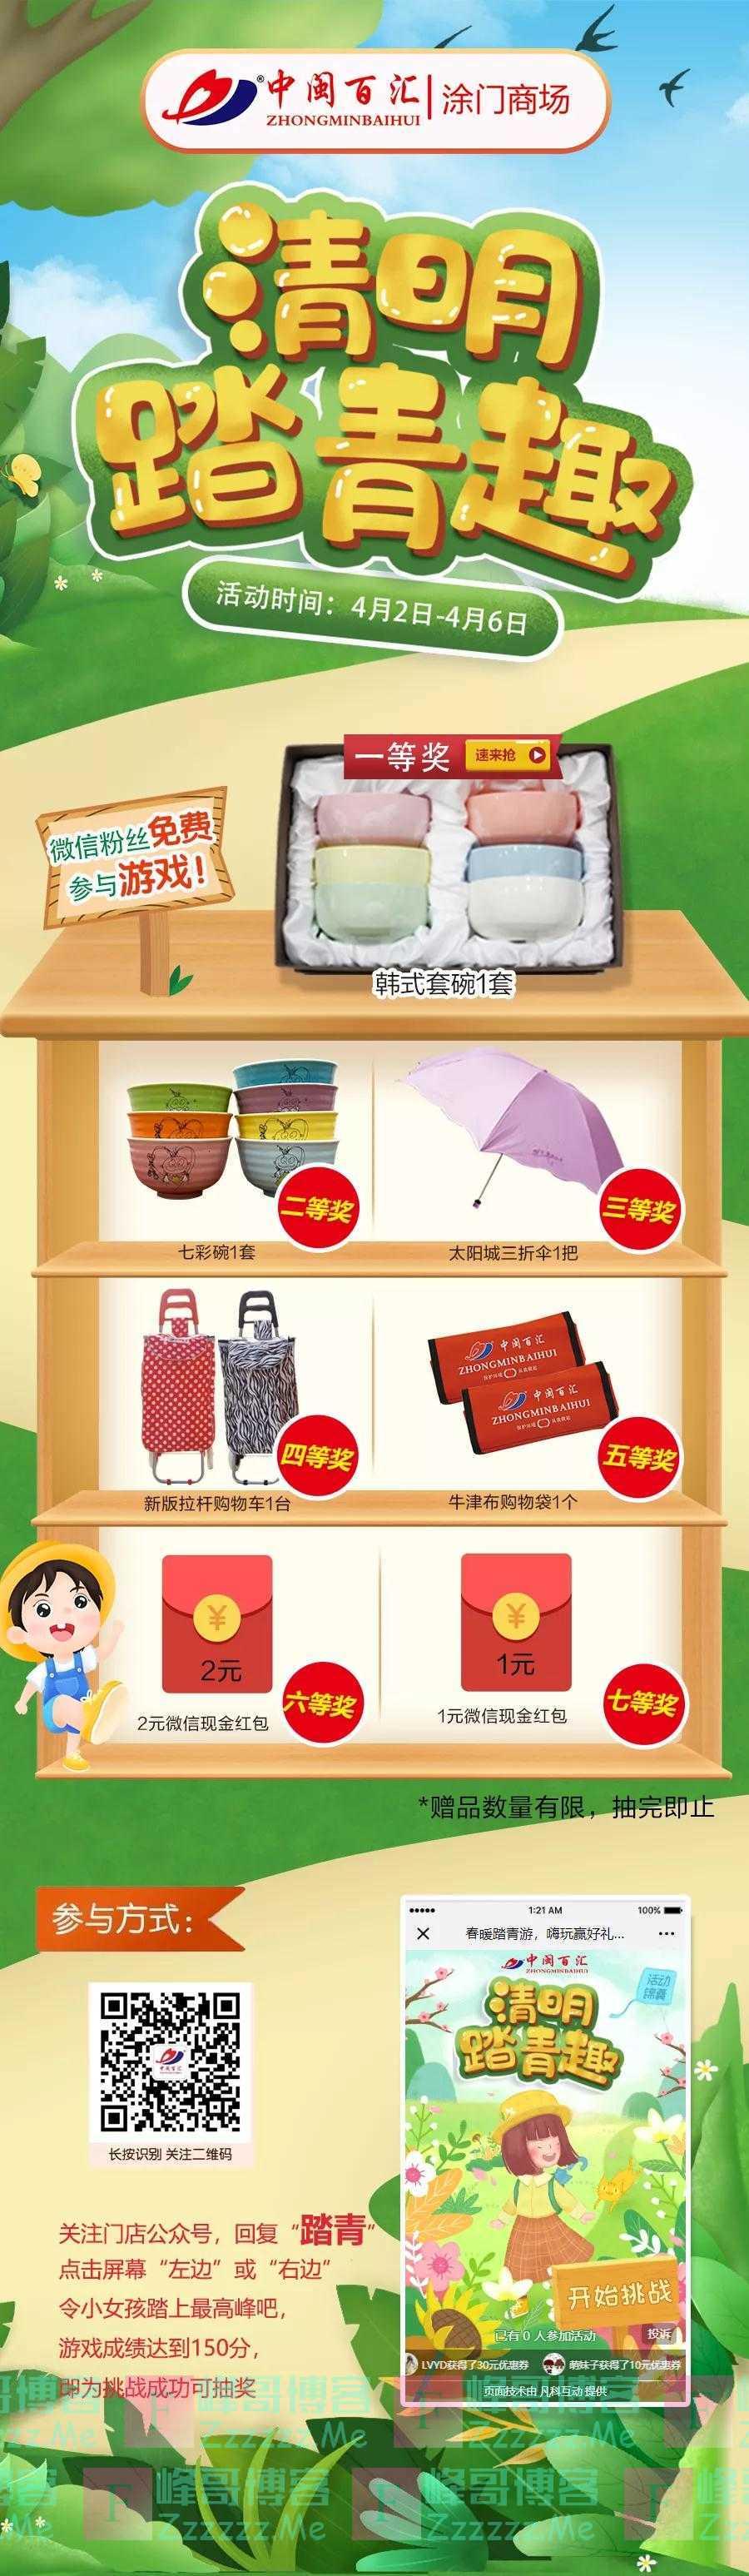 中闽百汇泉州涂门商场踏青好时节,红包免费送(截止4月6日)